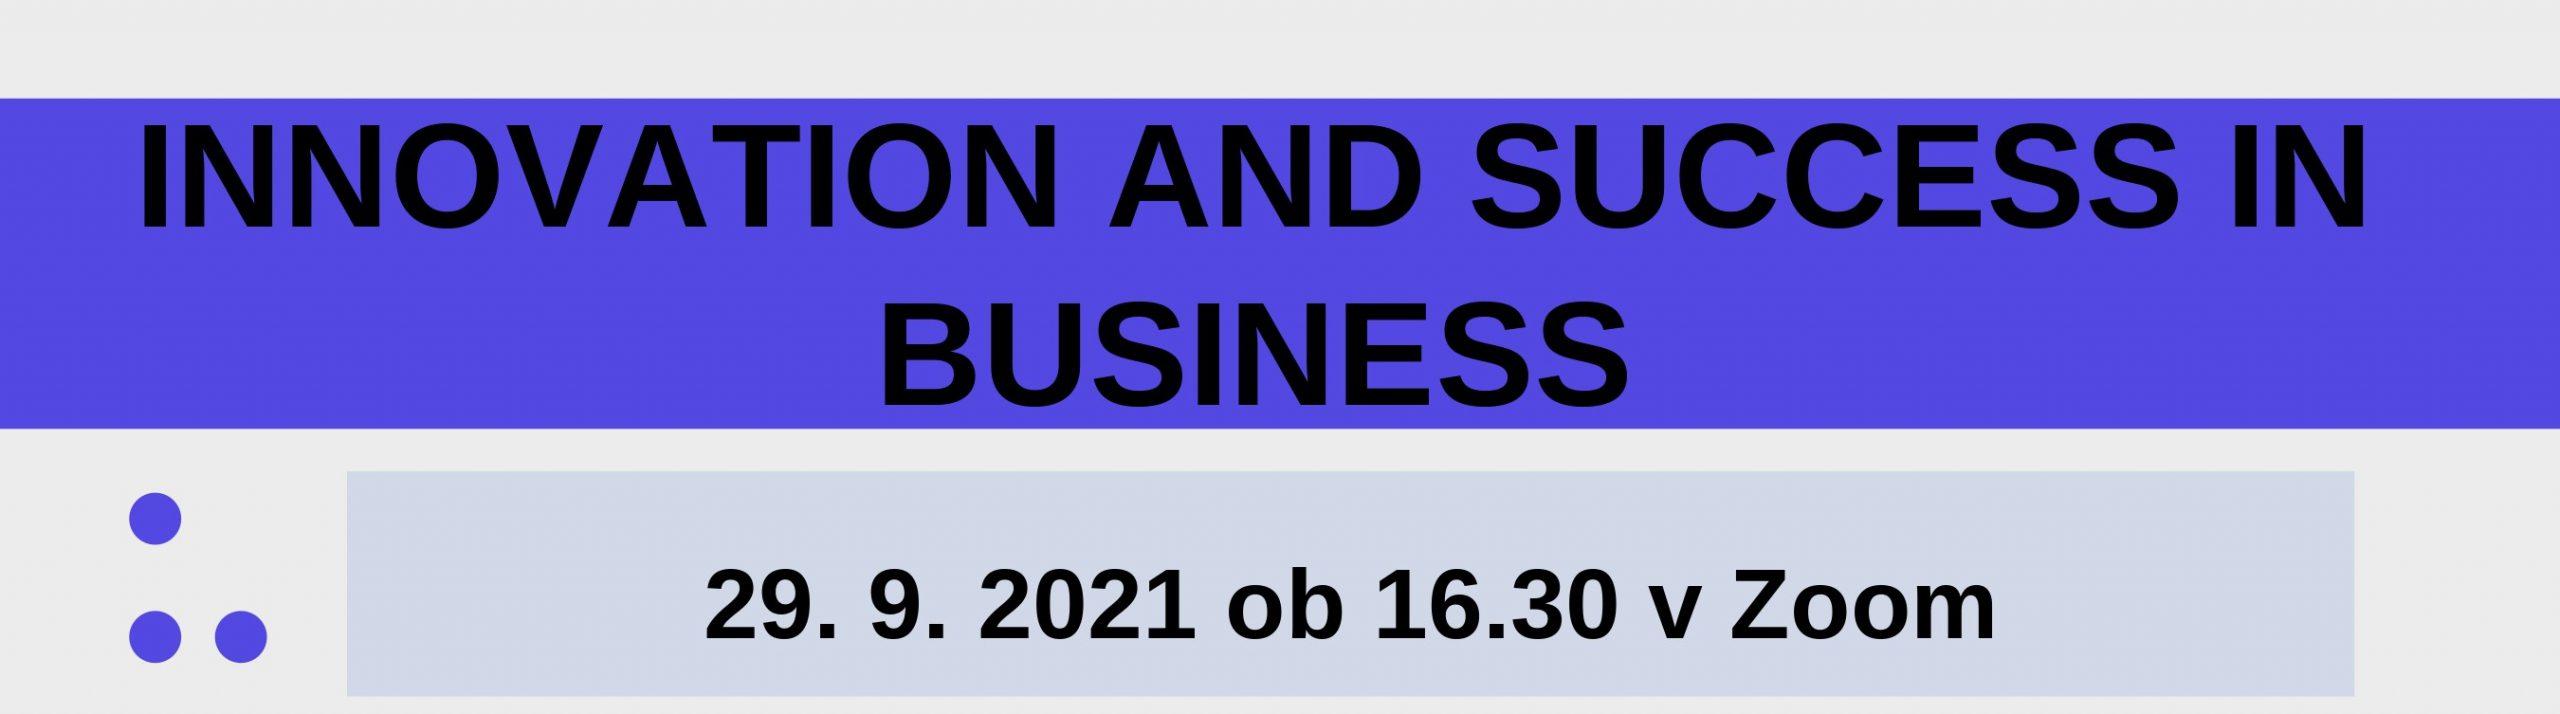 Predavanje z naslovom Innovation and Success in Business